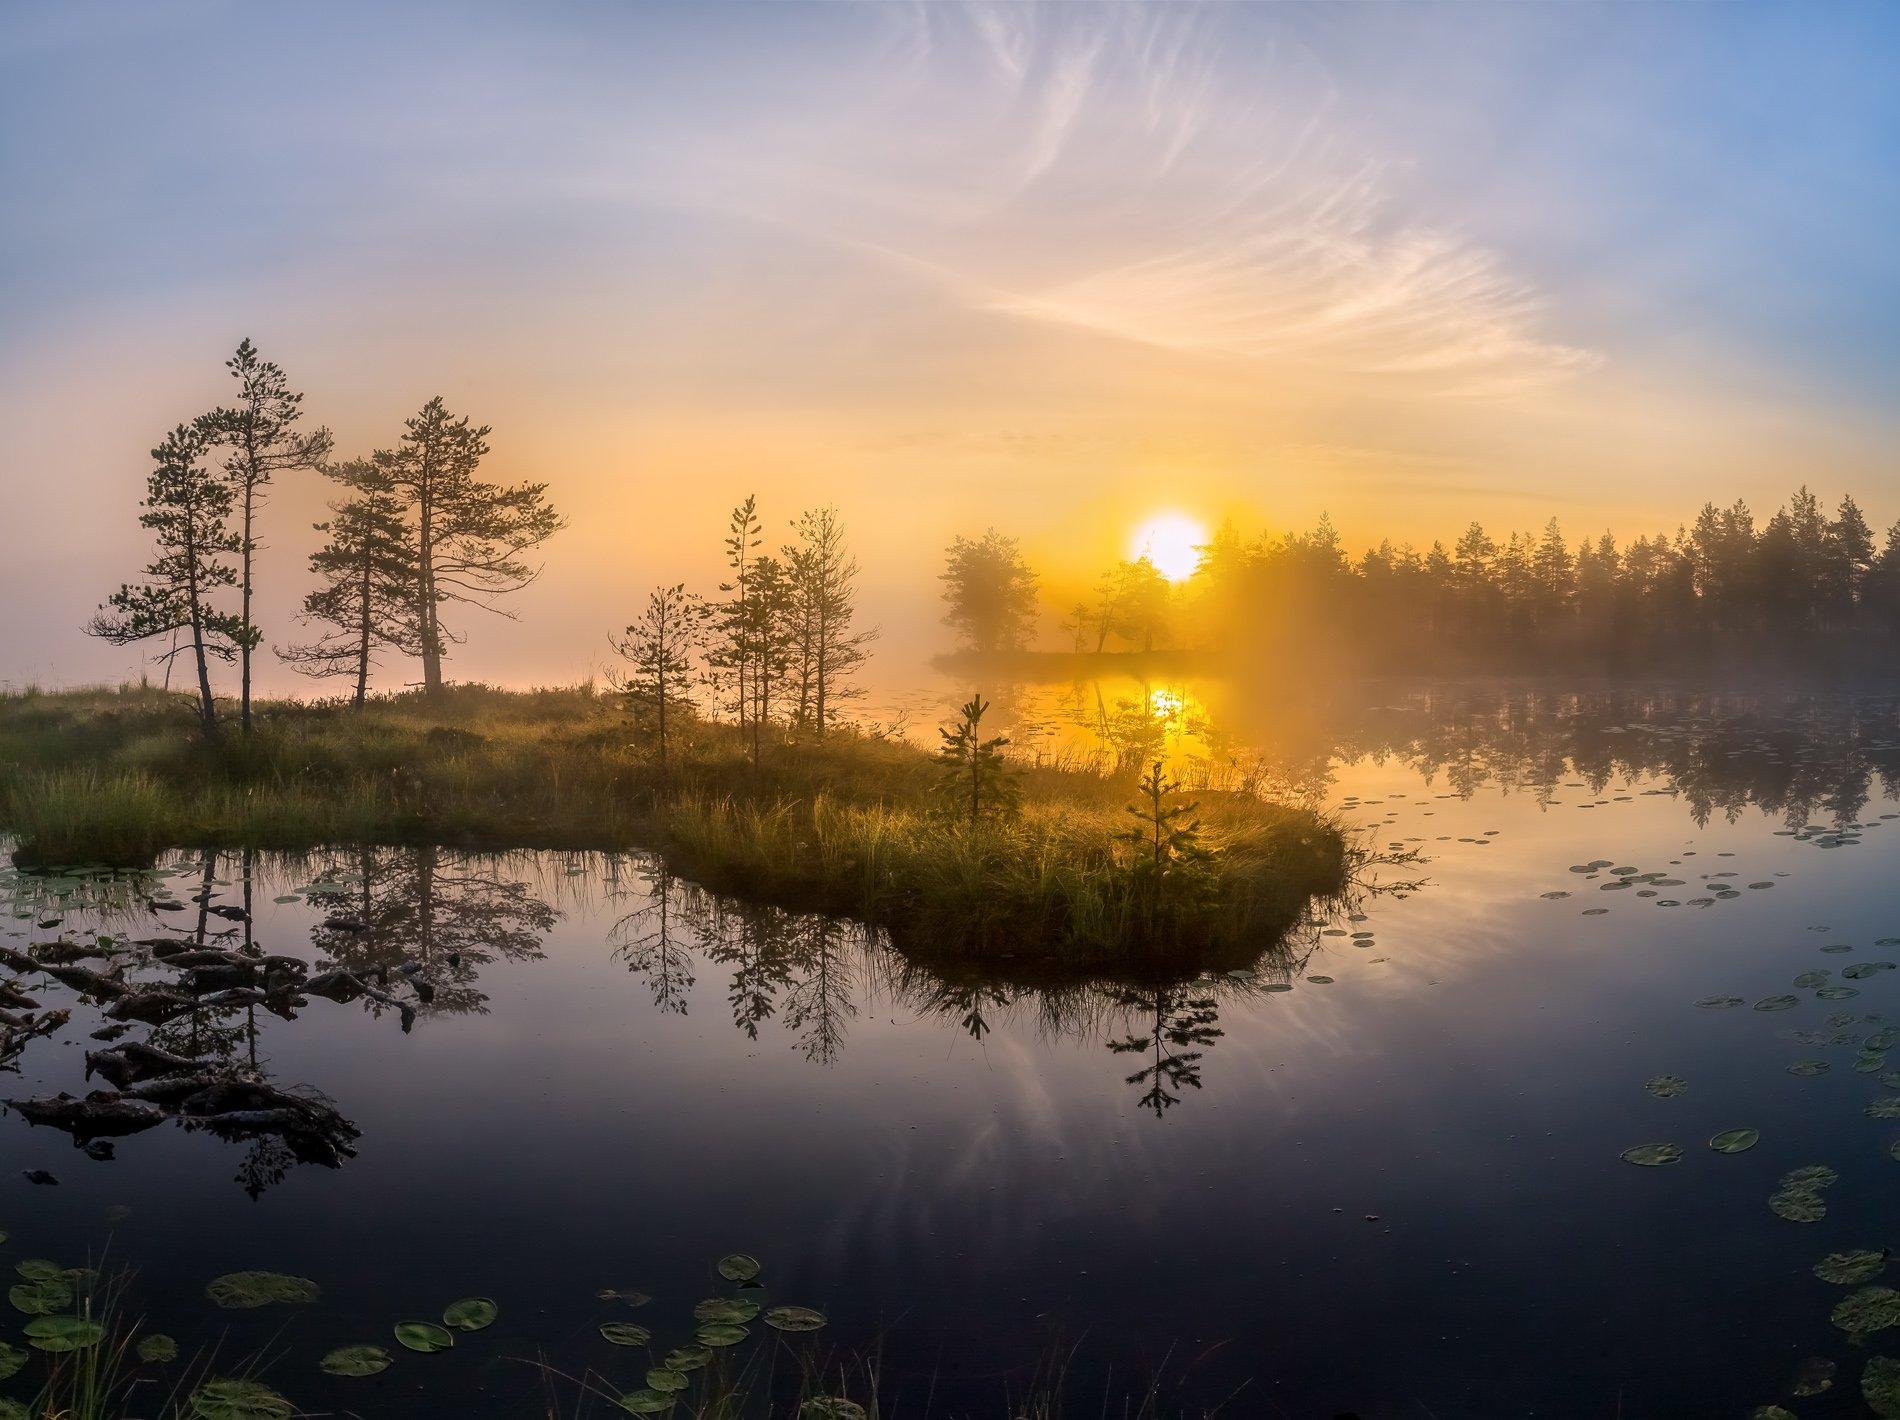 фототур, лето, ленинградская область, деревья, сосна, остров, озеро, рассвет, туман, солнце, отражение, облака., Лашков Фёдор